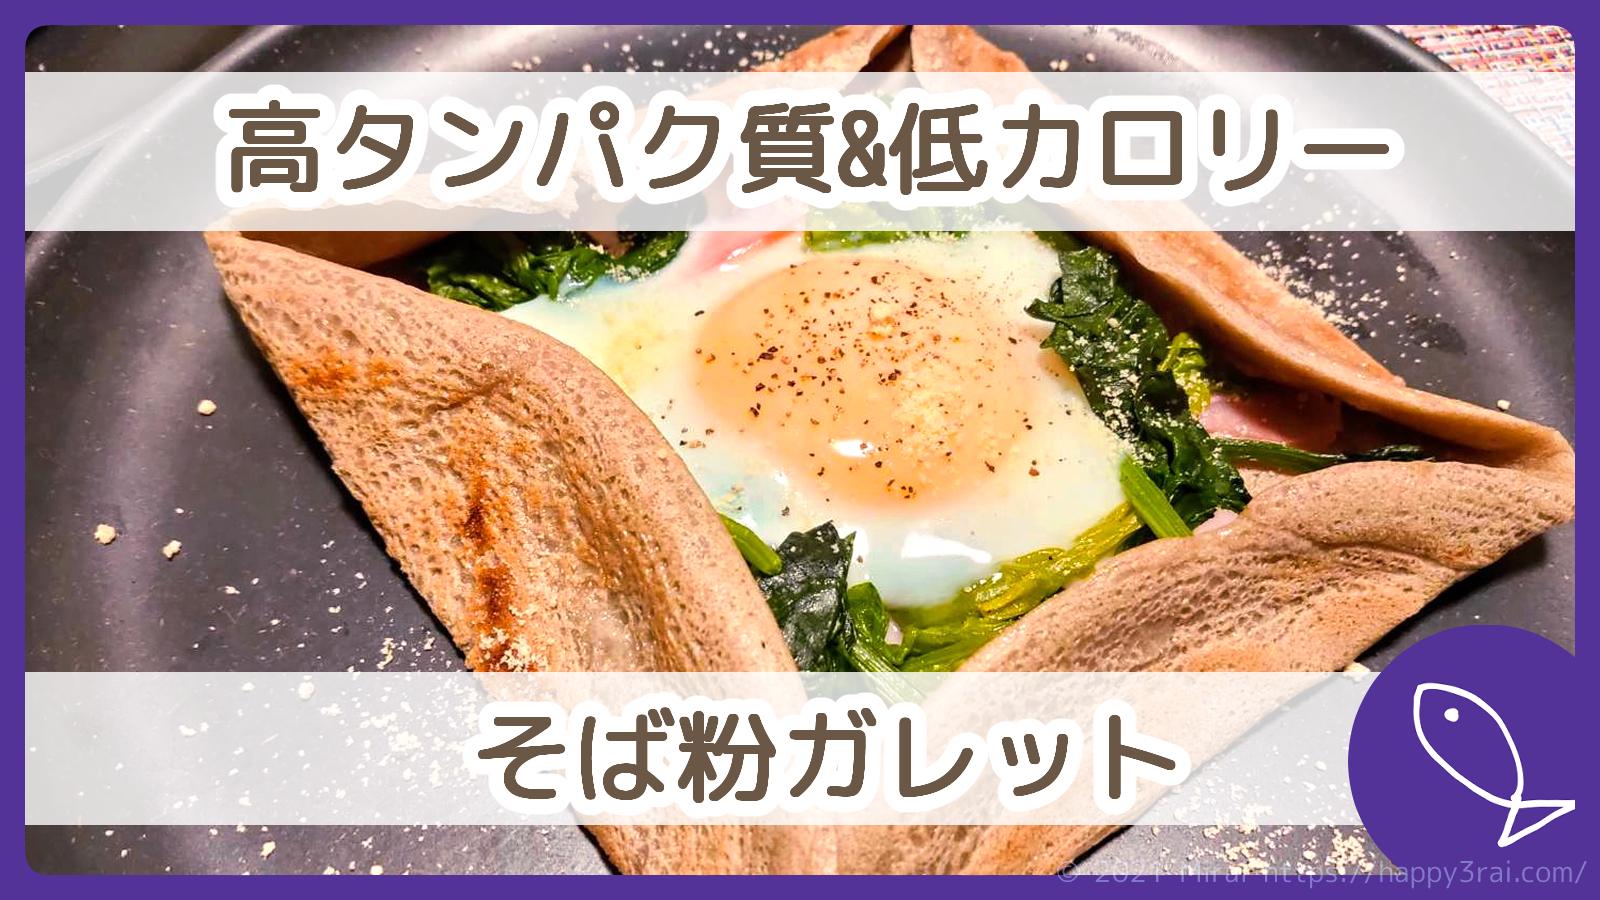 おうちカフェそば粉ガレットダイエットアイキャッチ